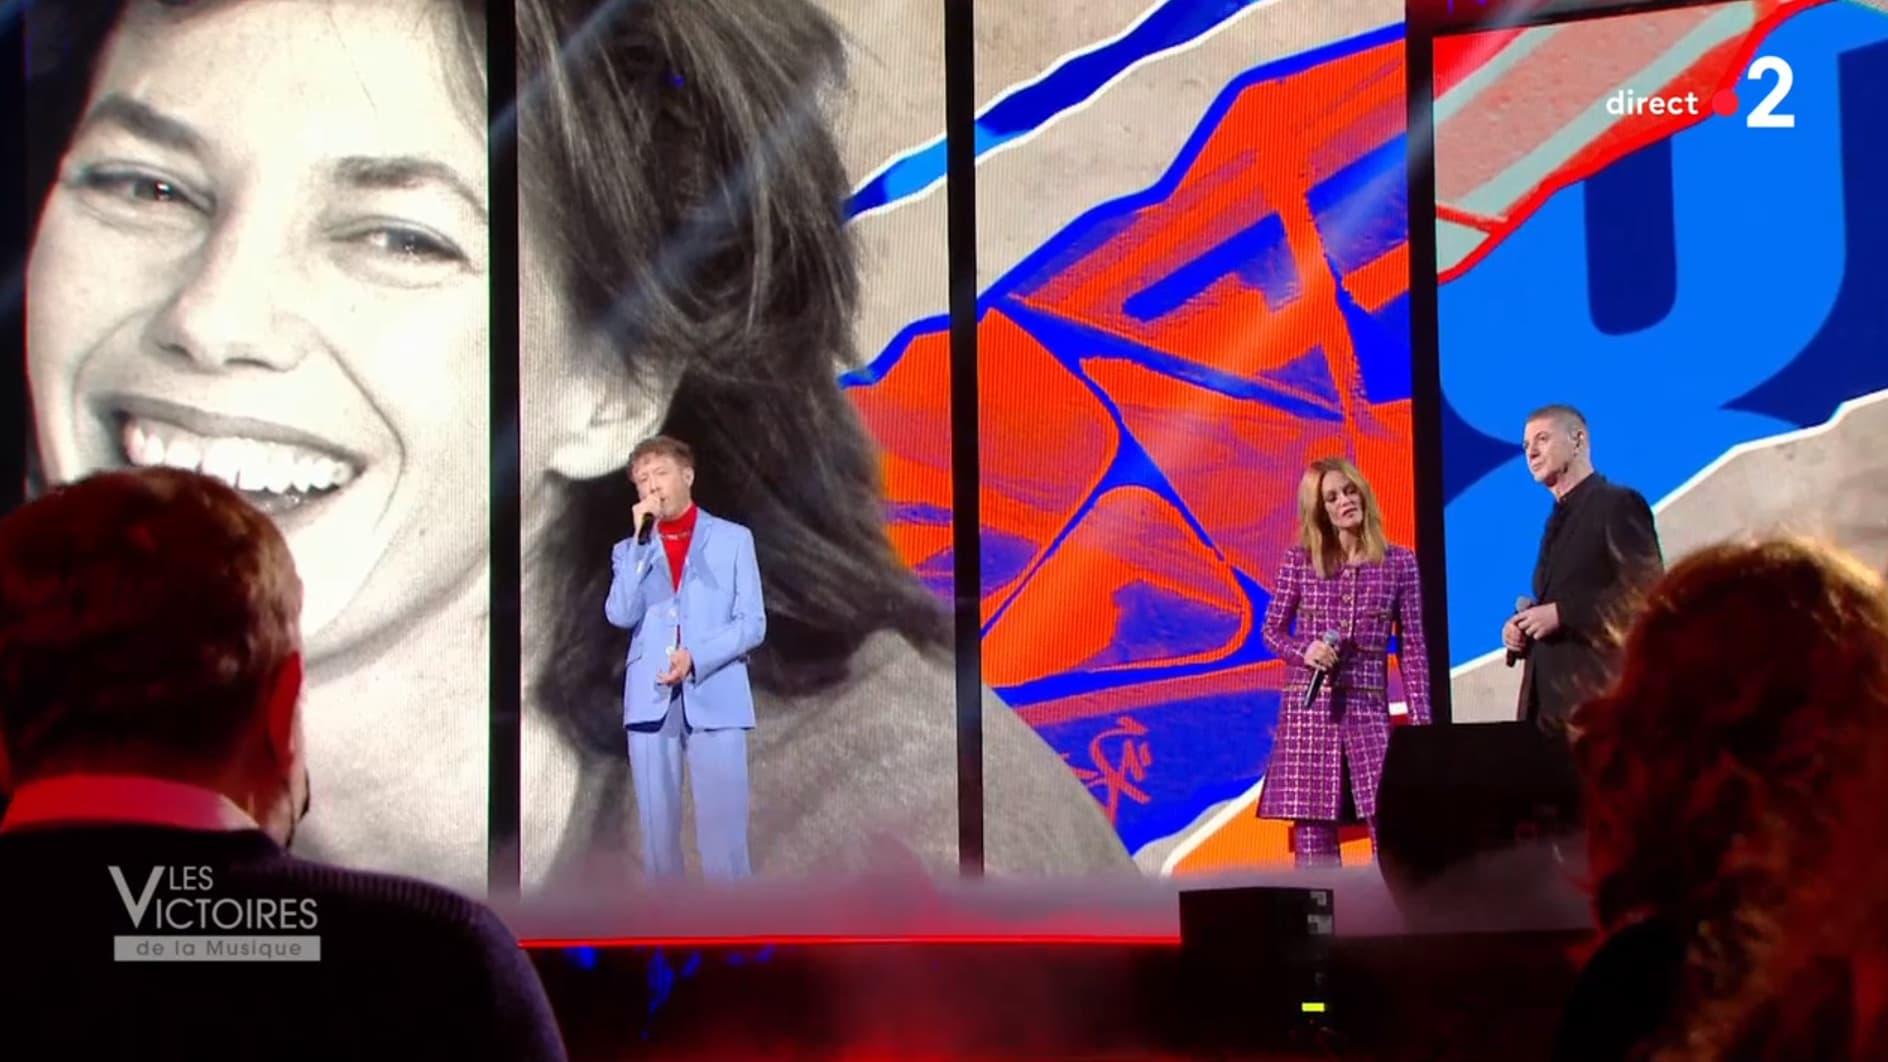 Victoires de la musique: l'émouvant hommage à Jane Birkin - BFMTV